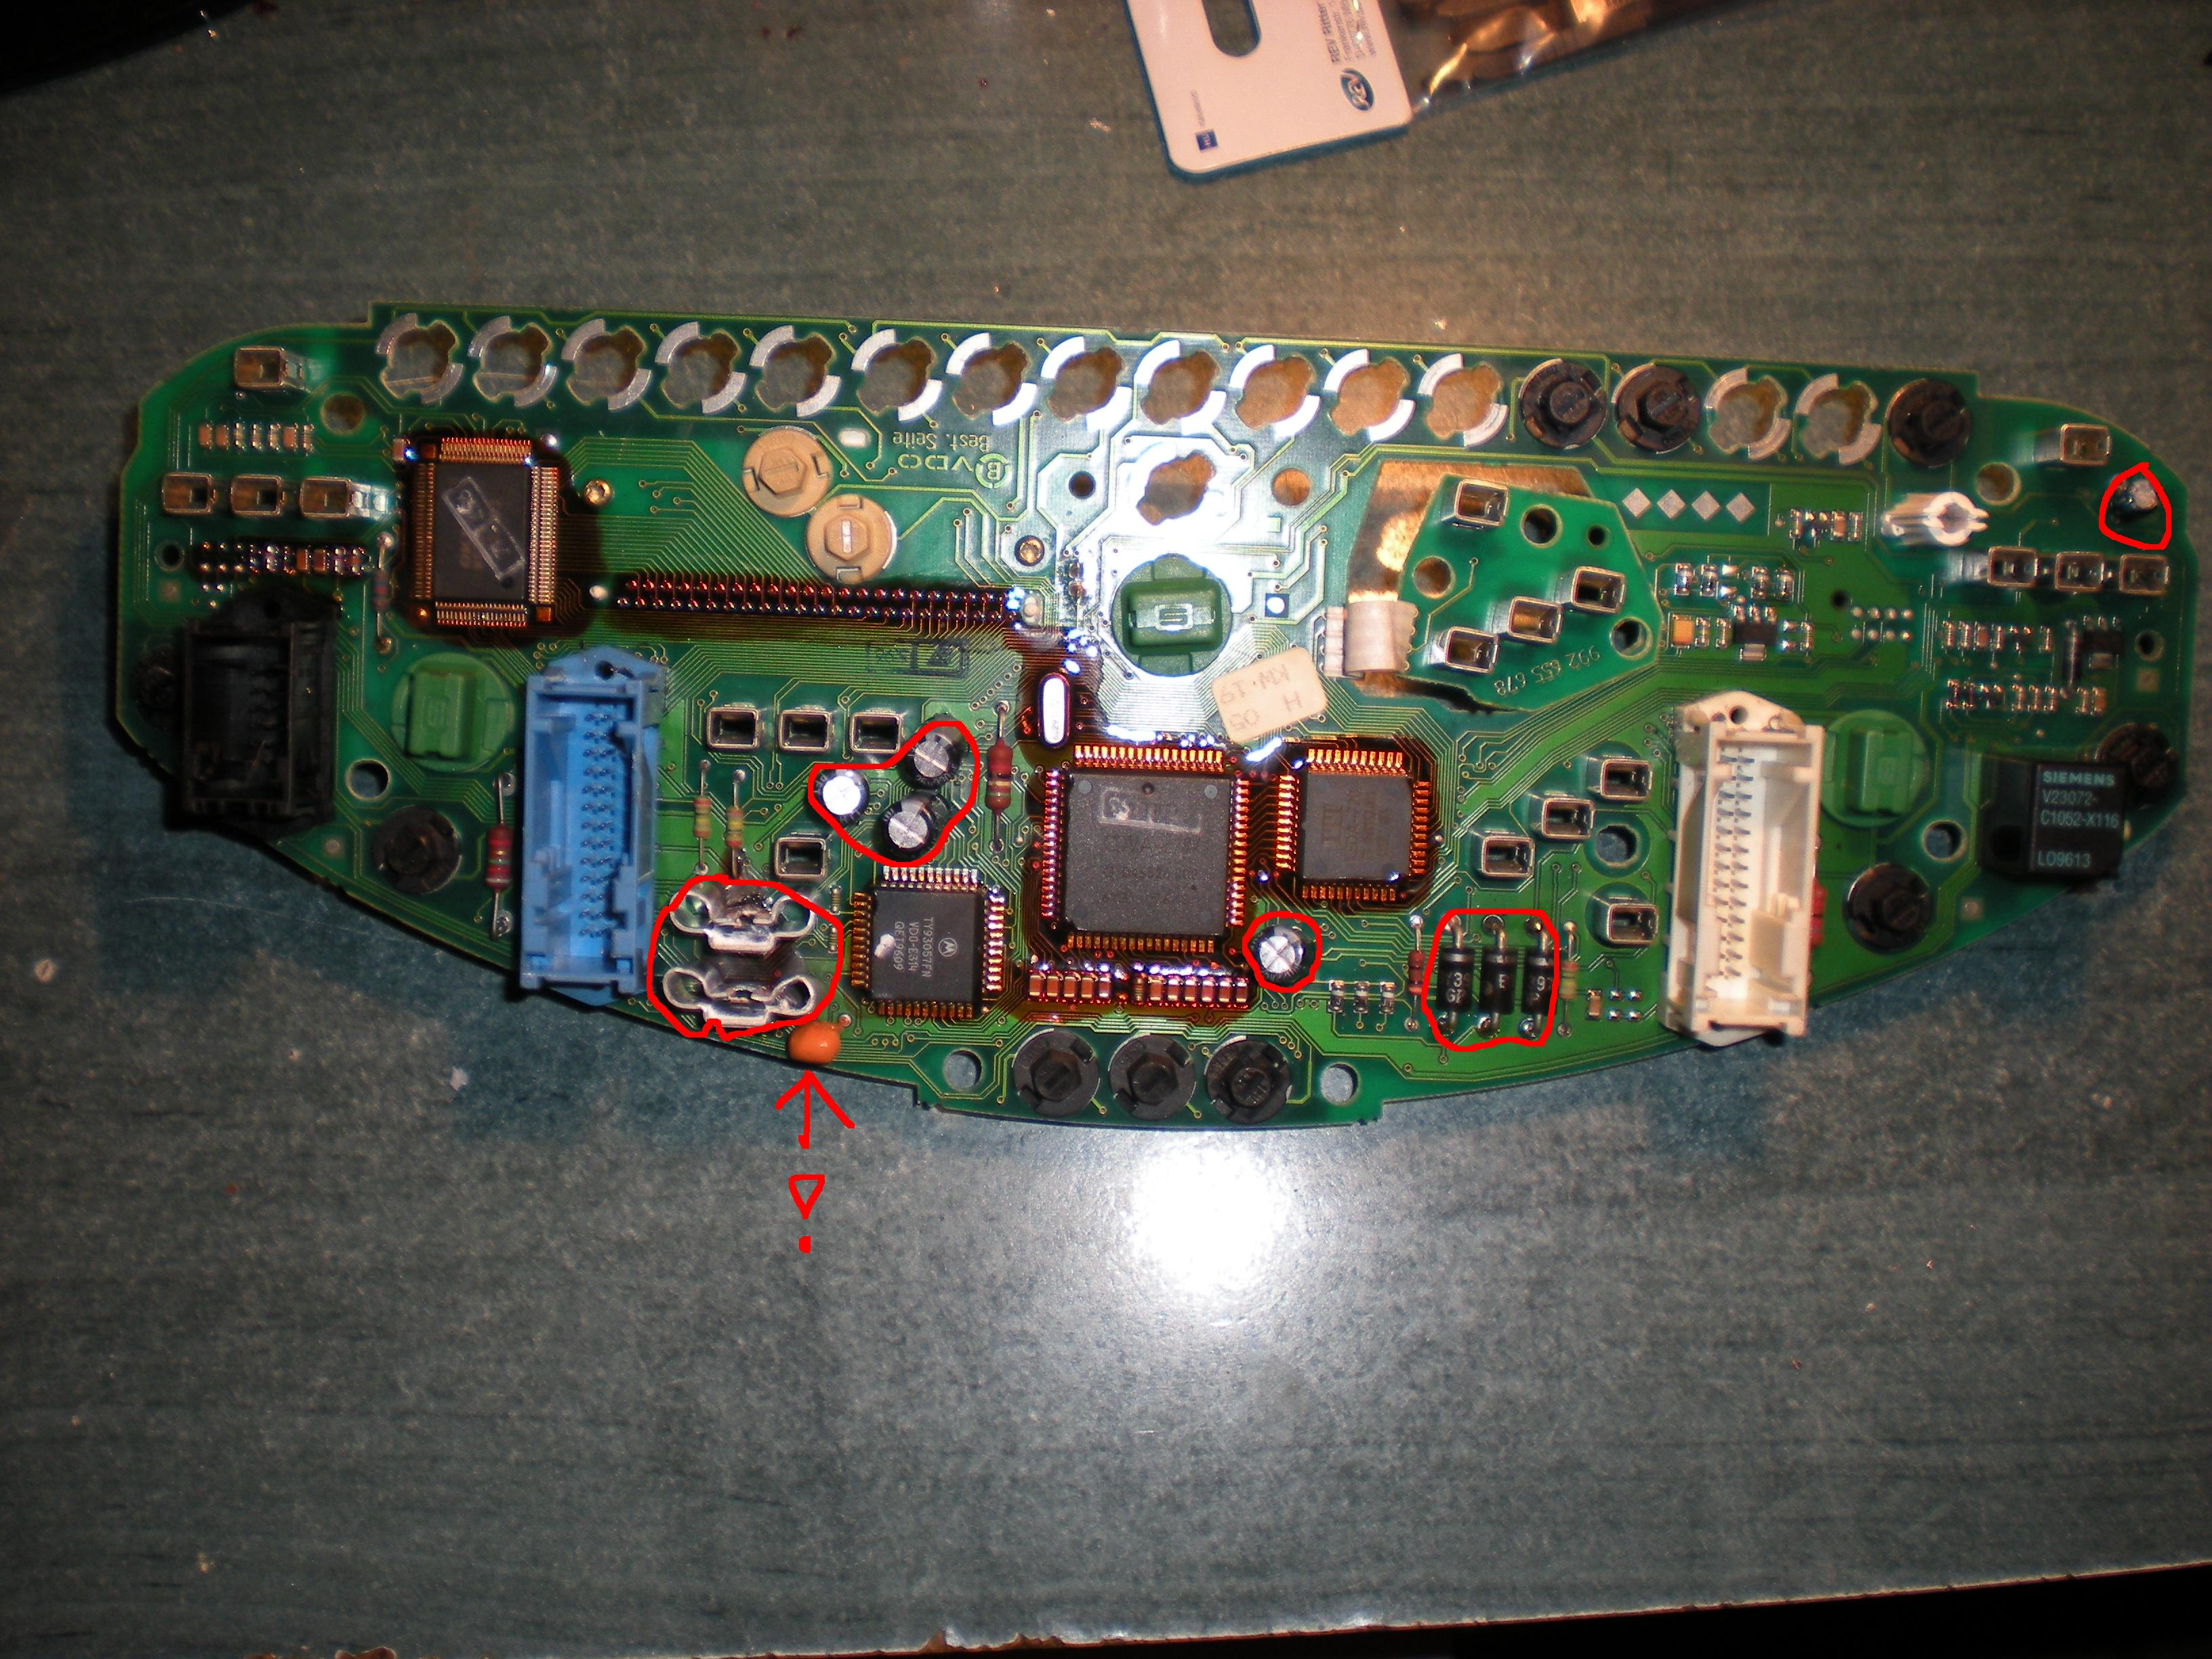 Bmw e36 318 1996 - Licznik VDO - symbol tranzystora